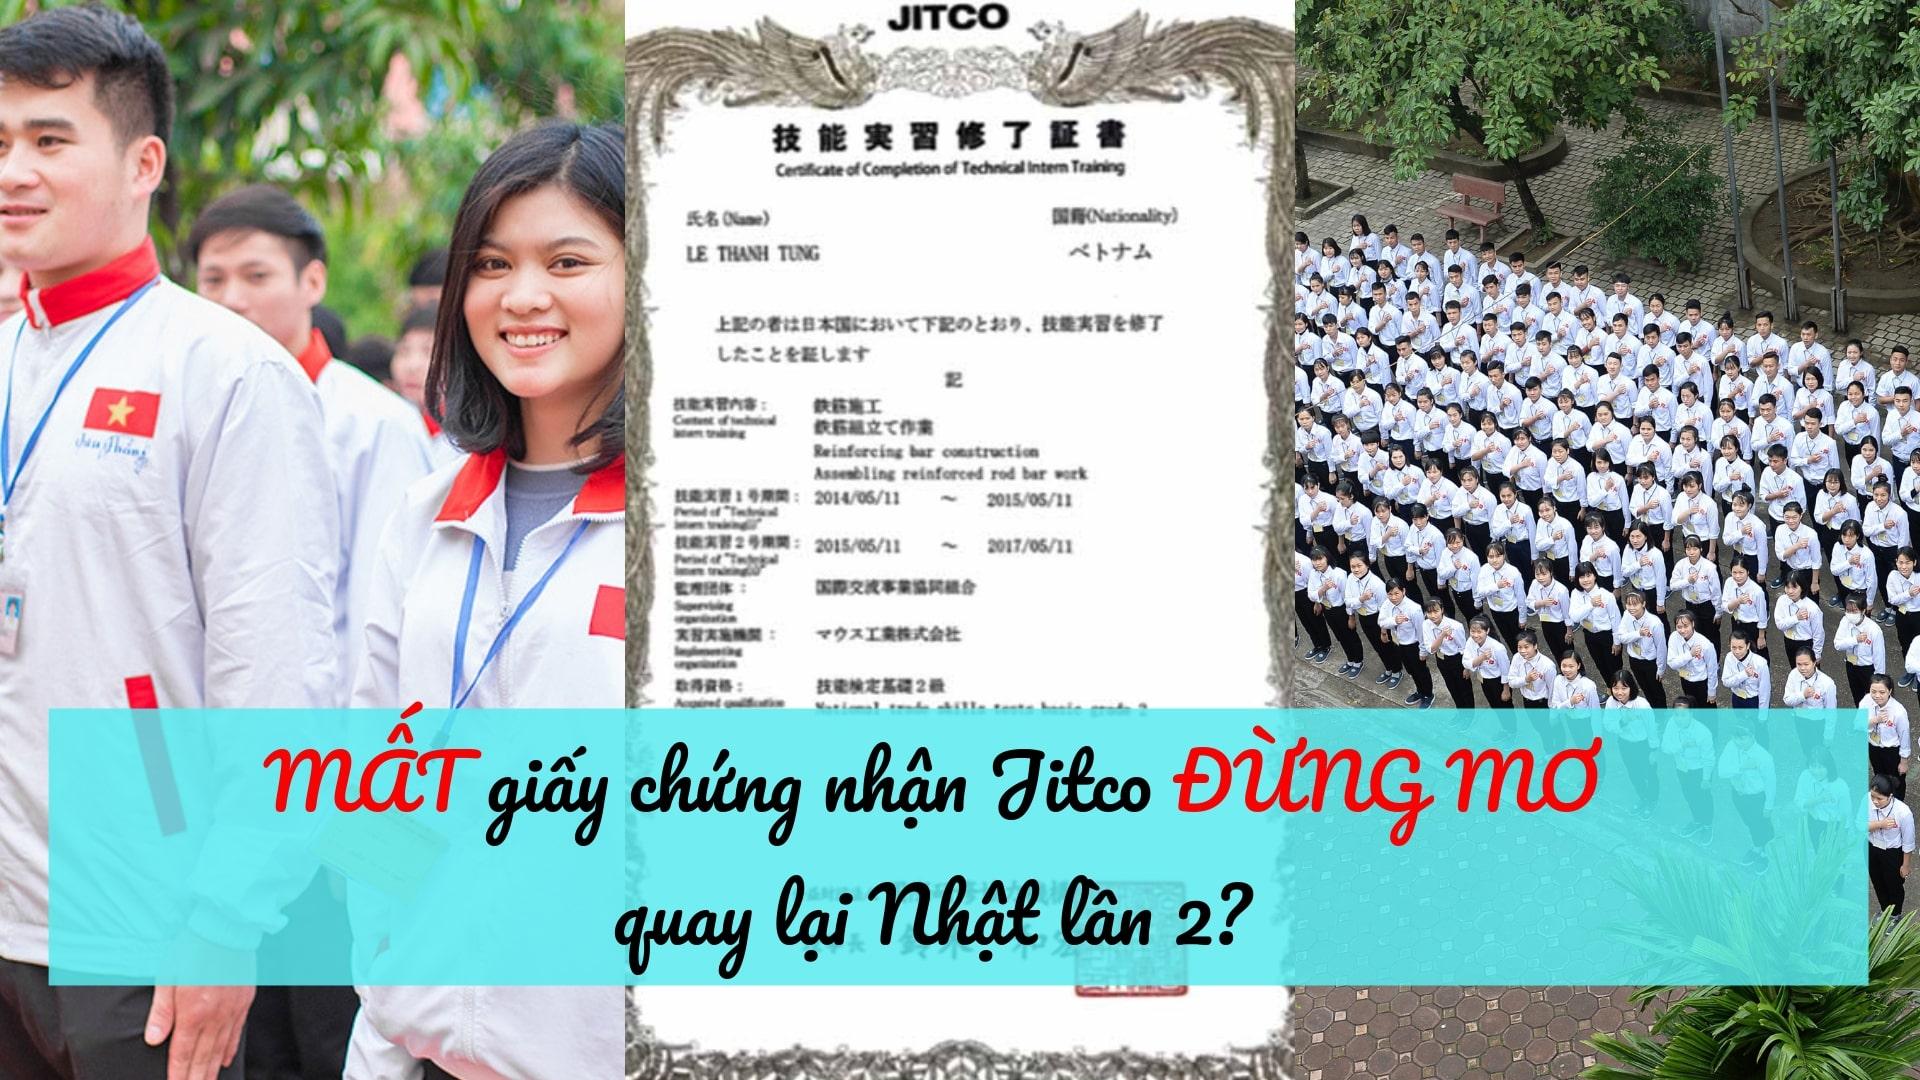 Mất giấy chứng nhận Jitco ĐỪNG MƠ quay lại Nhật lần 2?